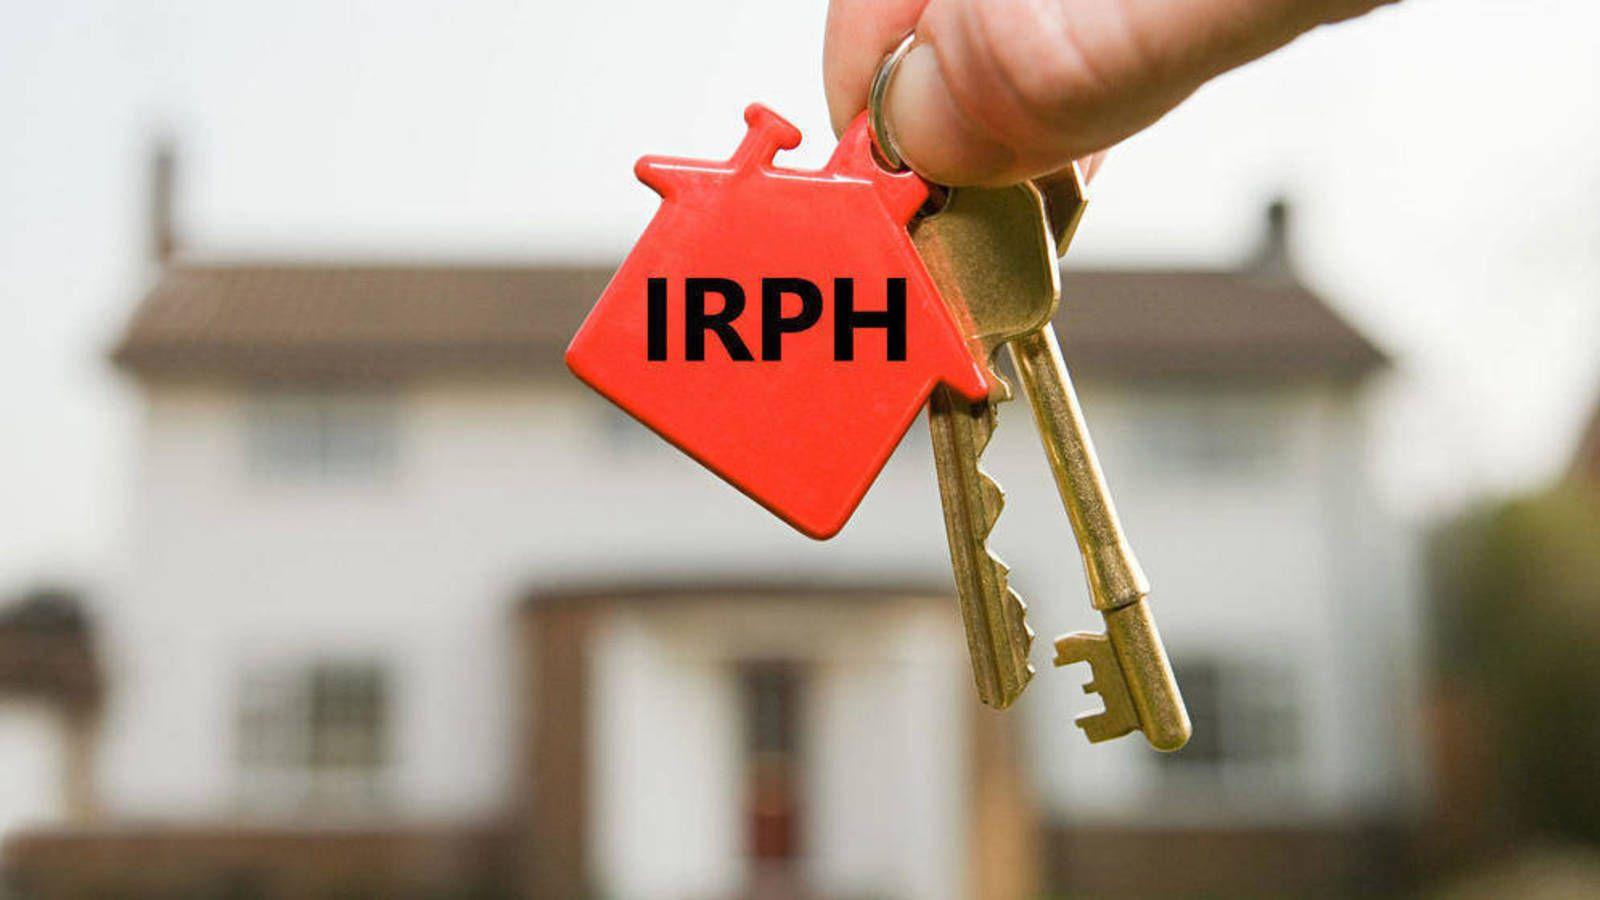 El despacho Aliter Abogados consigue la nulidad de la cláusula IRPH de una hipoteca firmada en 2013